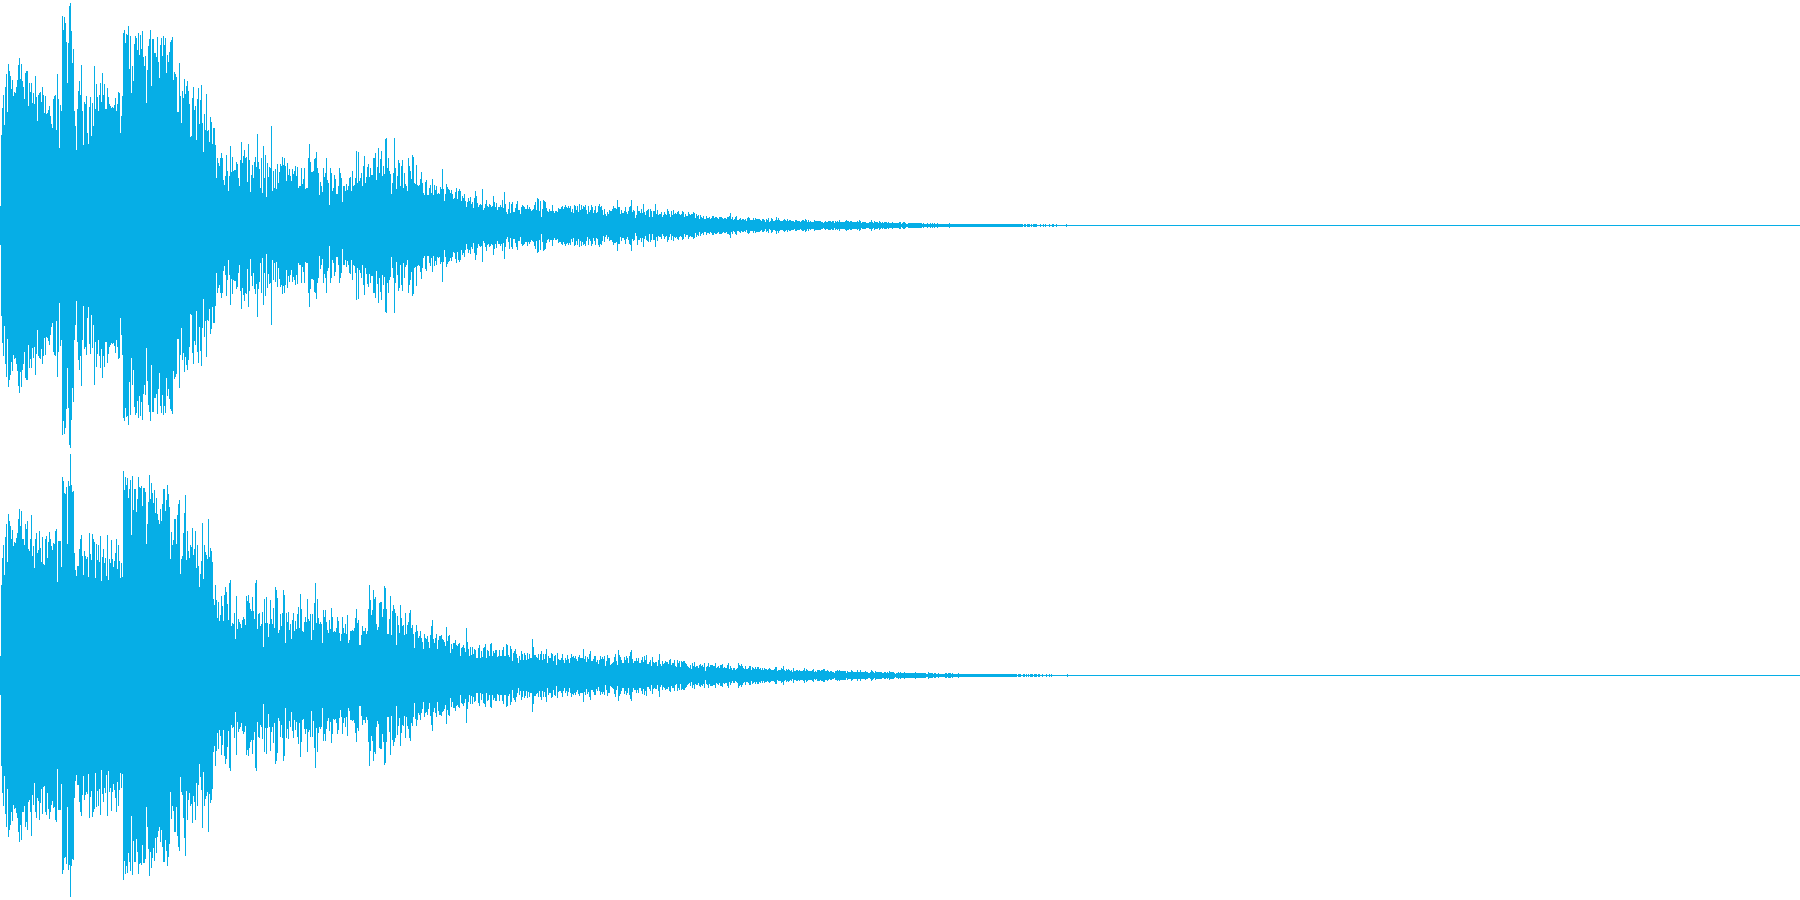 ピコン ピコ チャリン キュイン 3の再生済みの波形